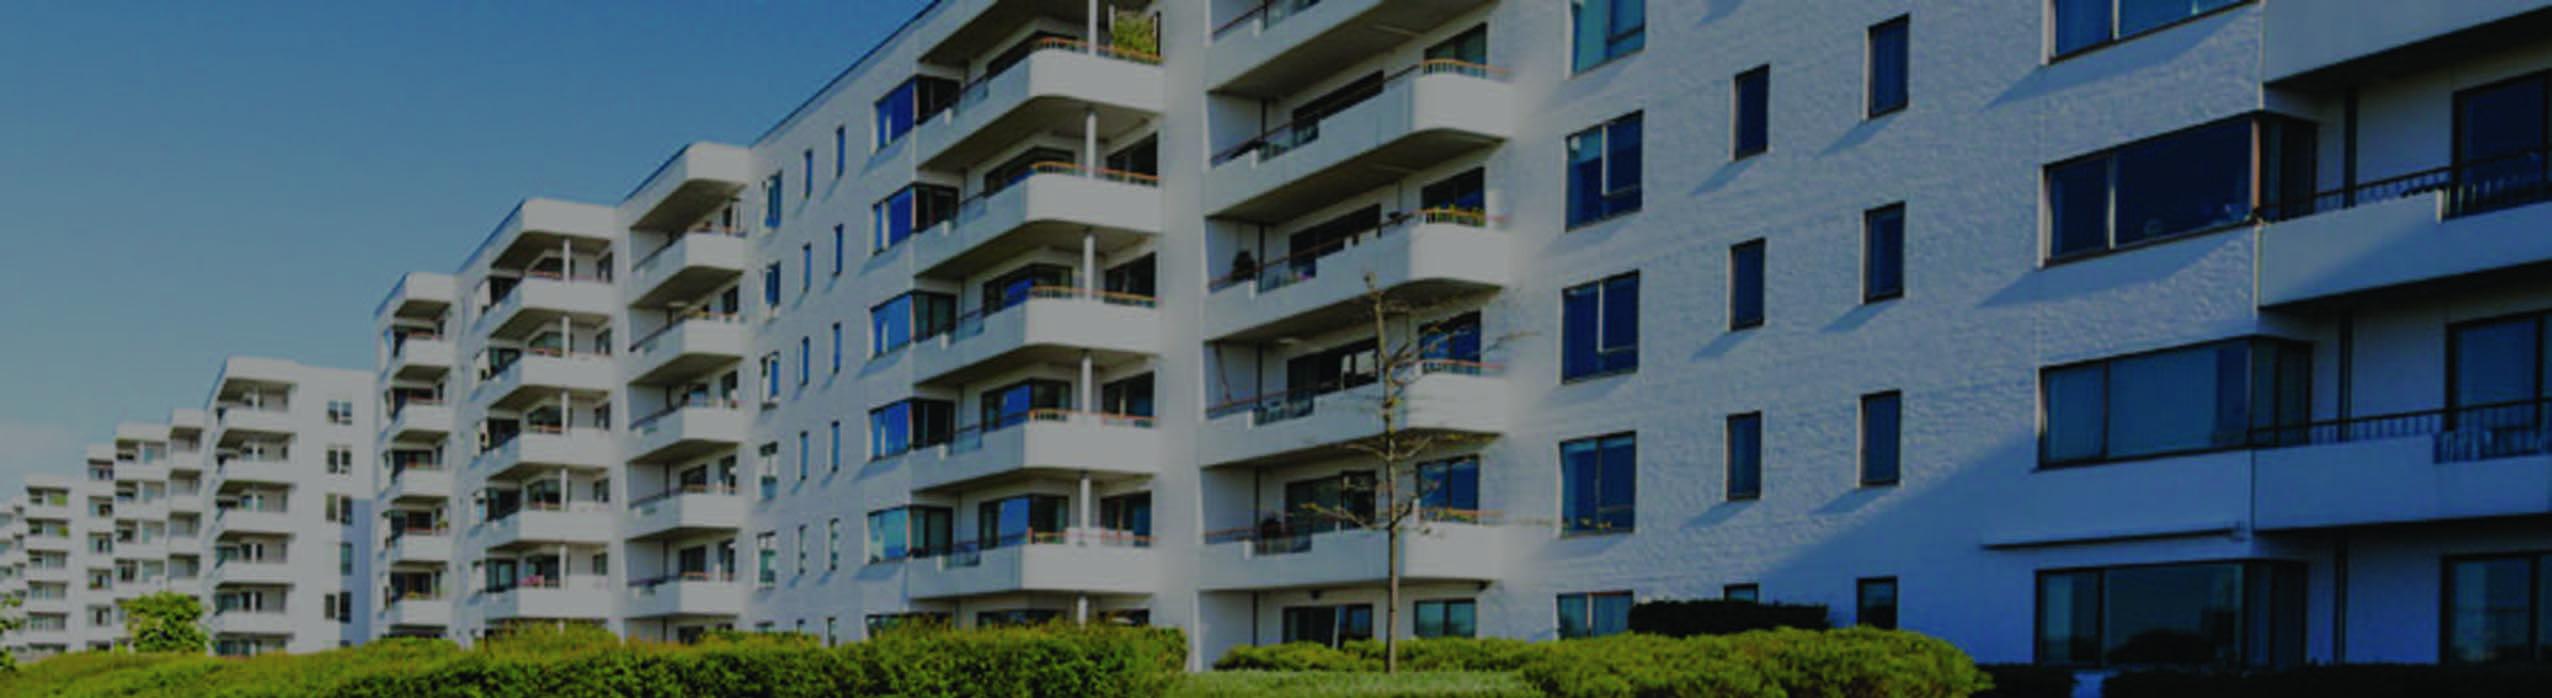 va-property-management-training-mold